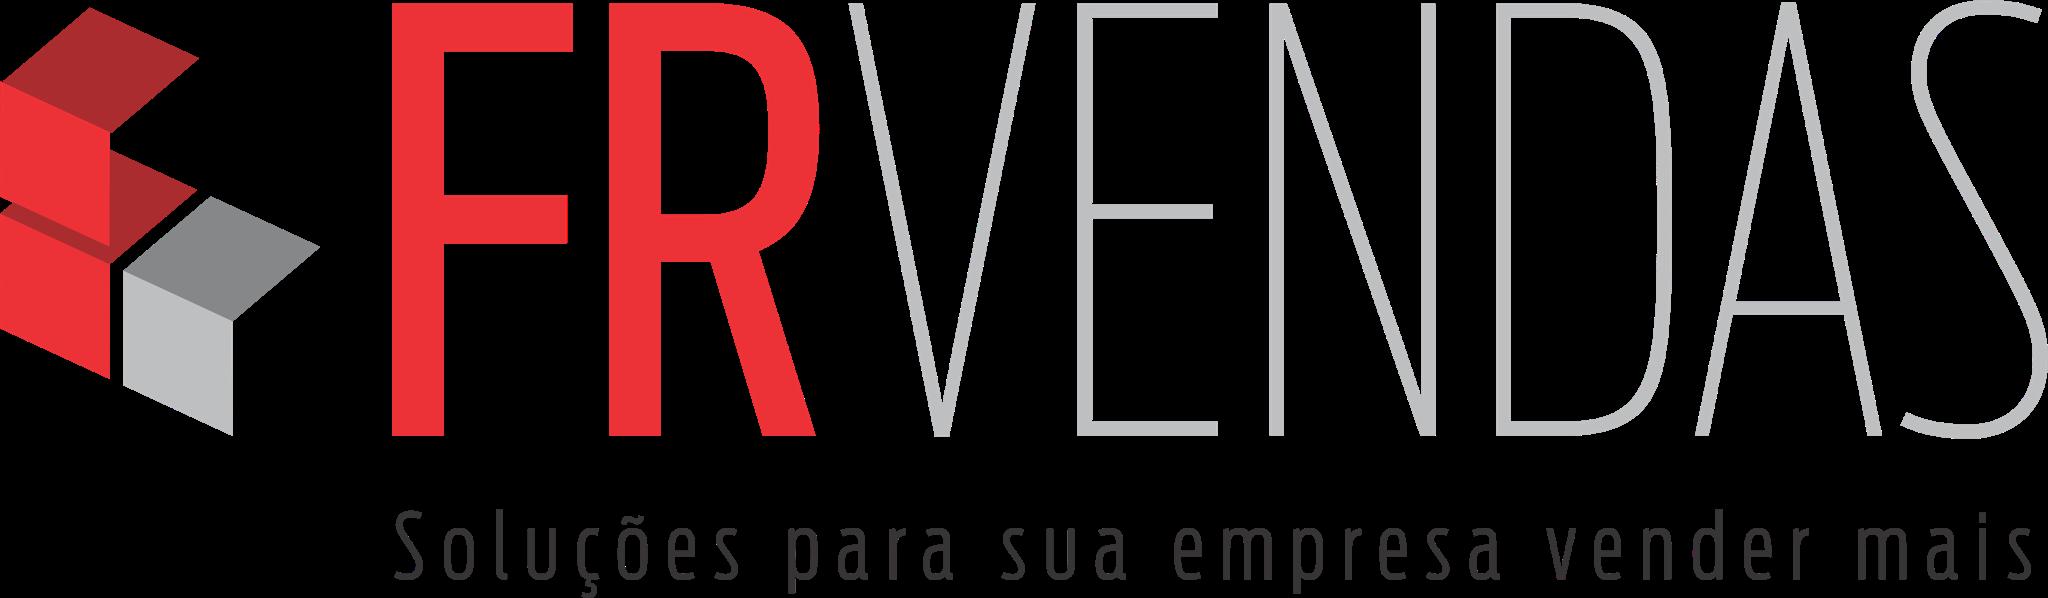 Logo FRVendas ALTA.png